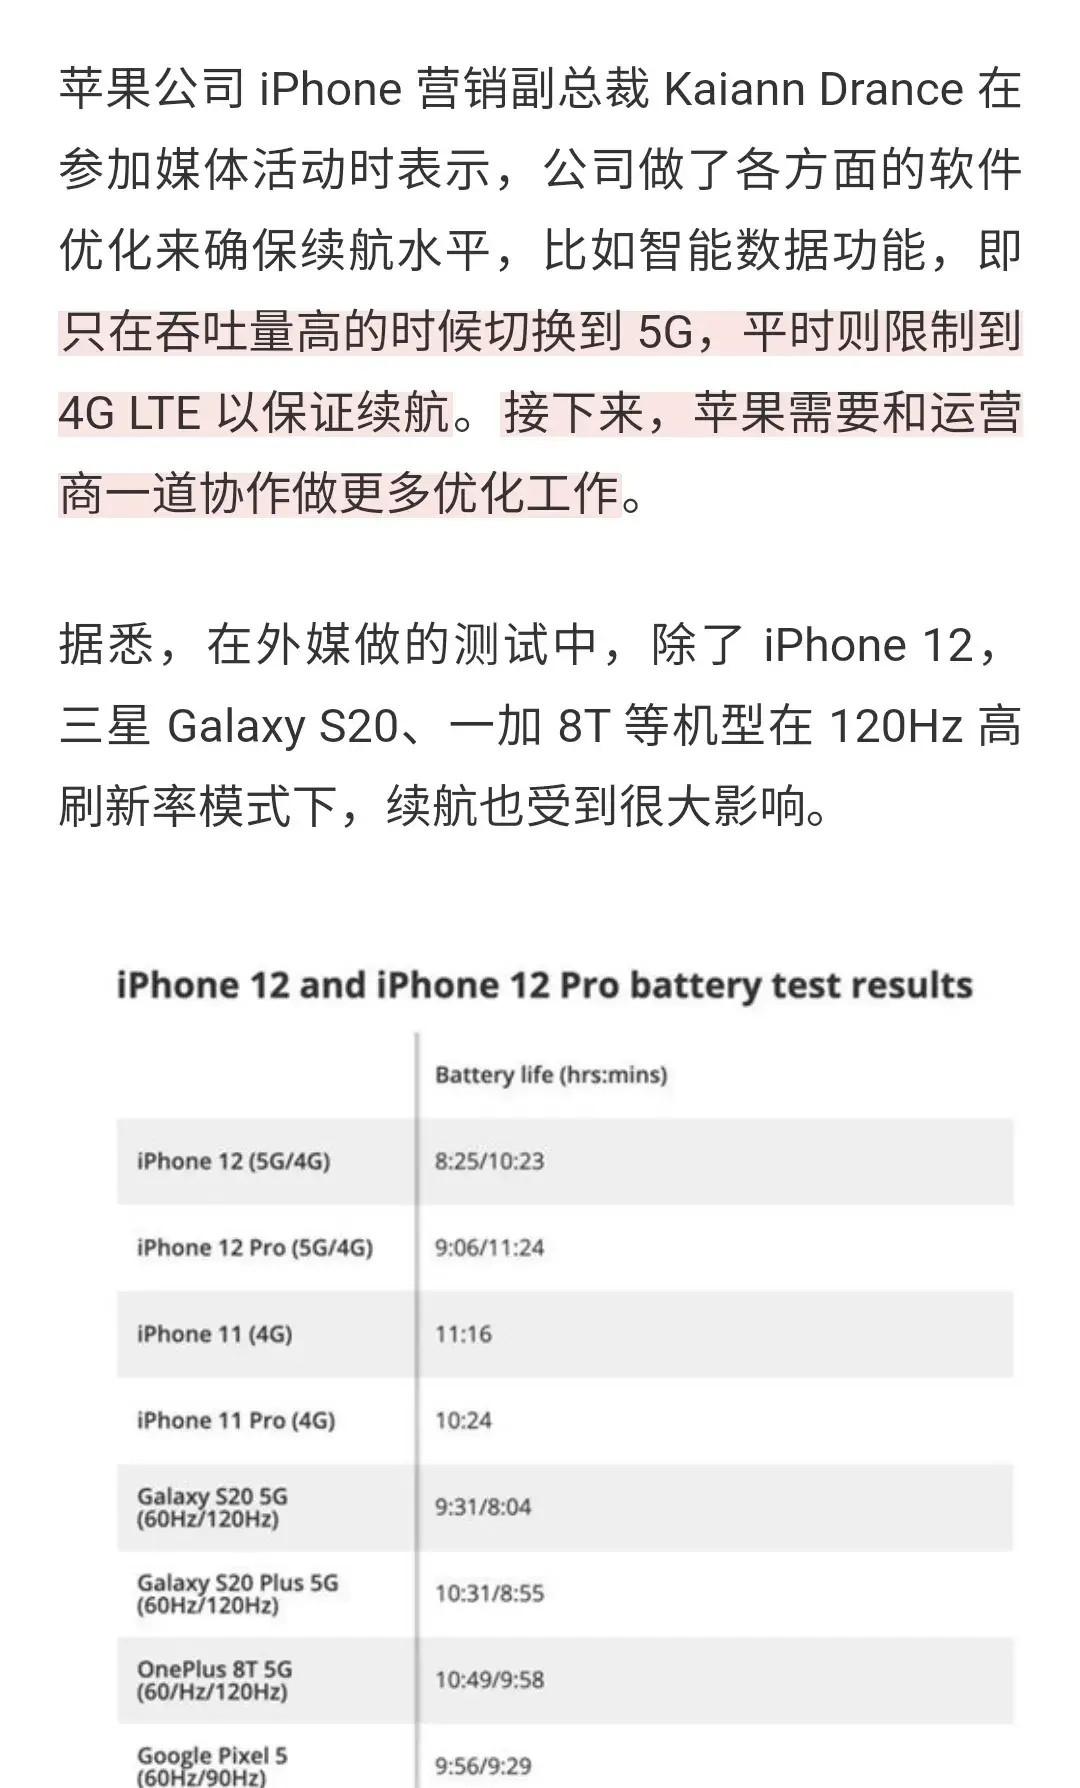 iPhone 12 Pro使用5G網絡, 續航崩瞭, 蘋果回應-圖3